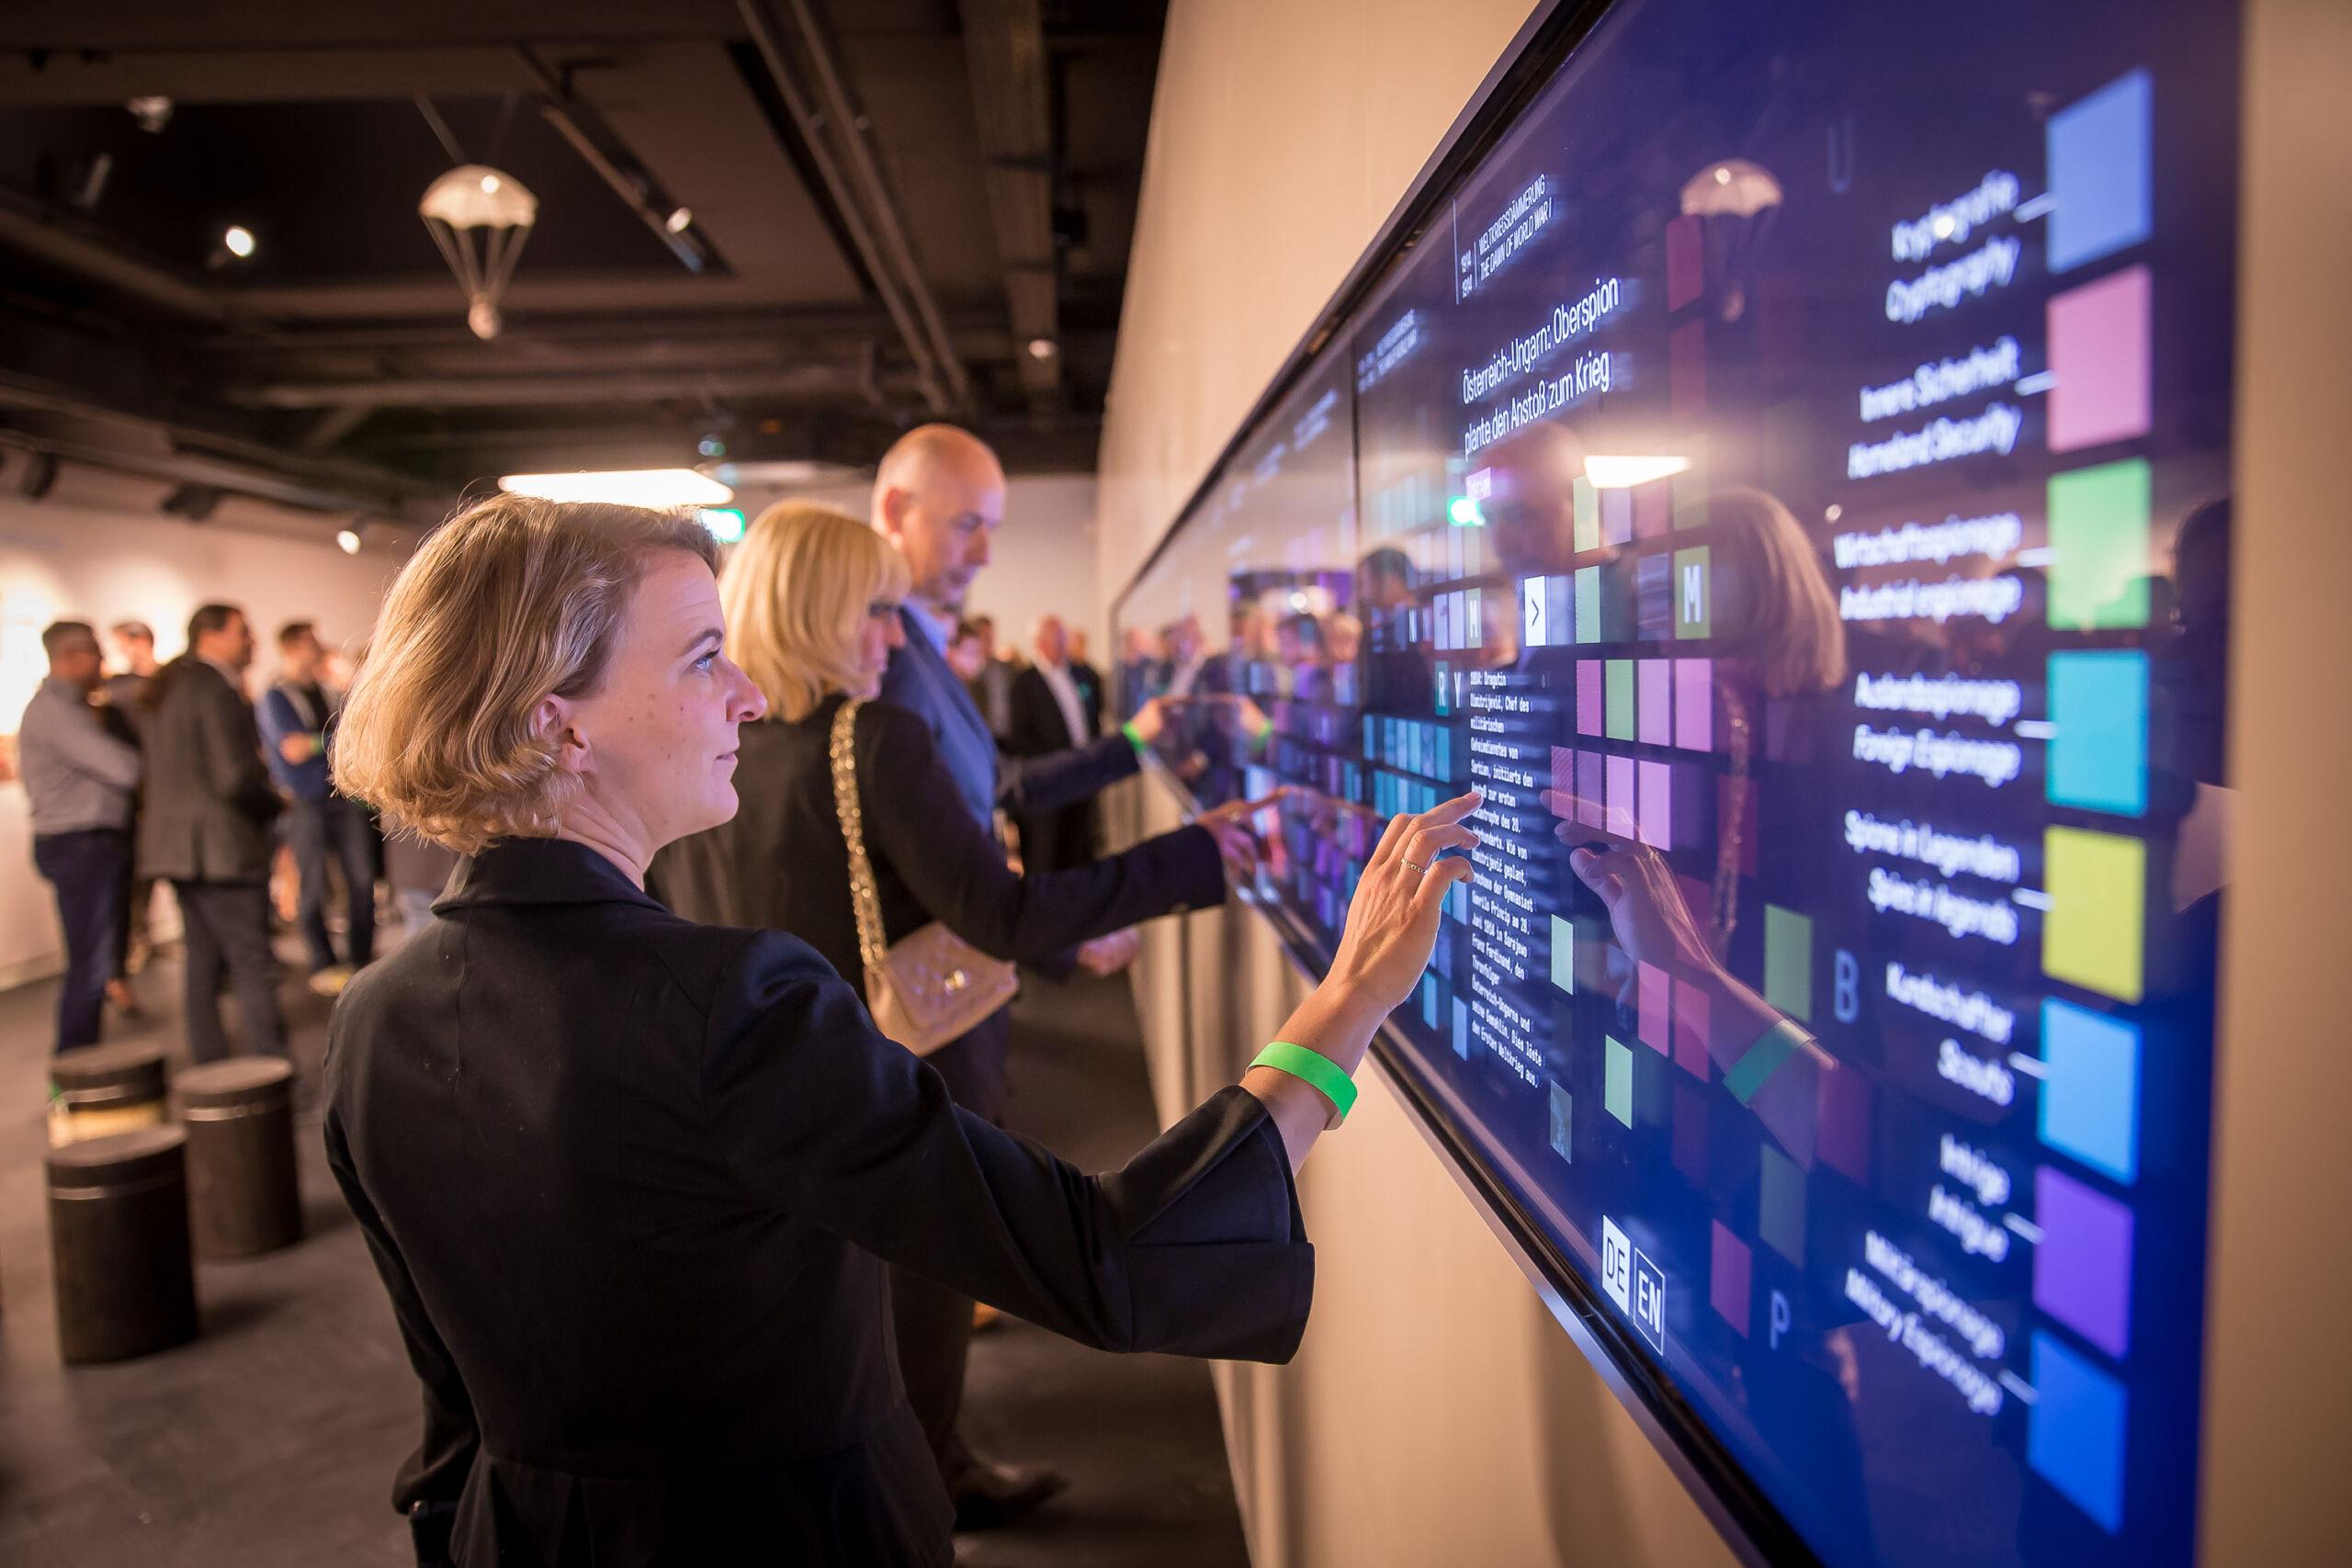 Besucher interagieren mit großer Multitouch Wall im Deutschen Spionagemuseum